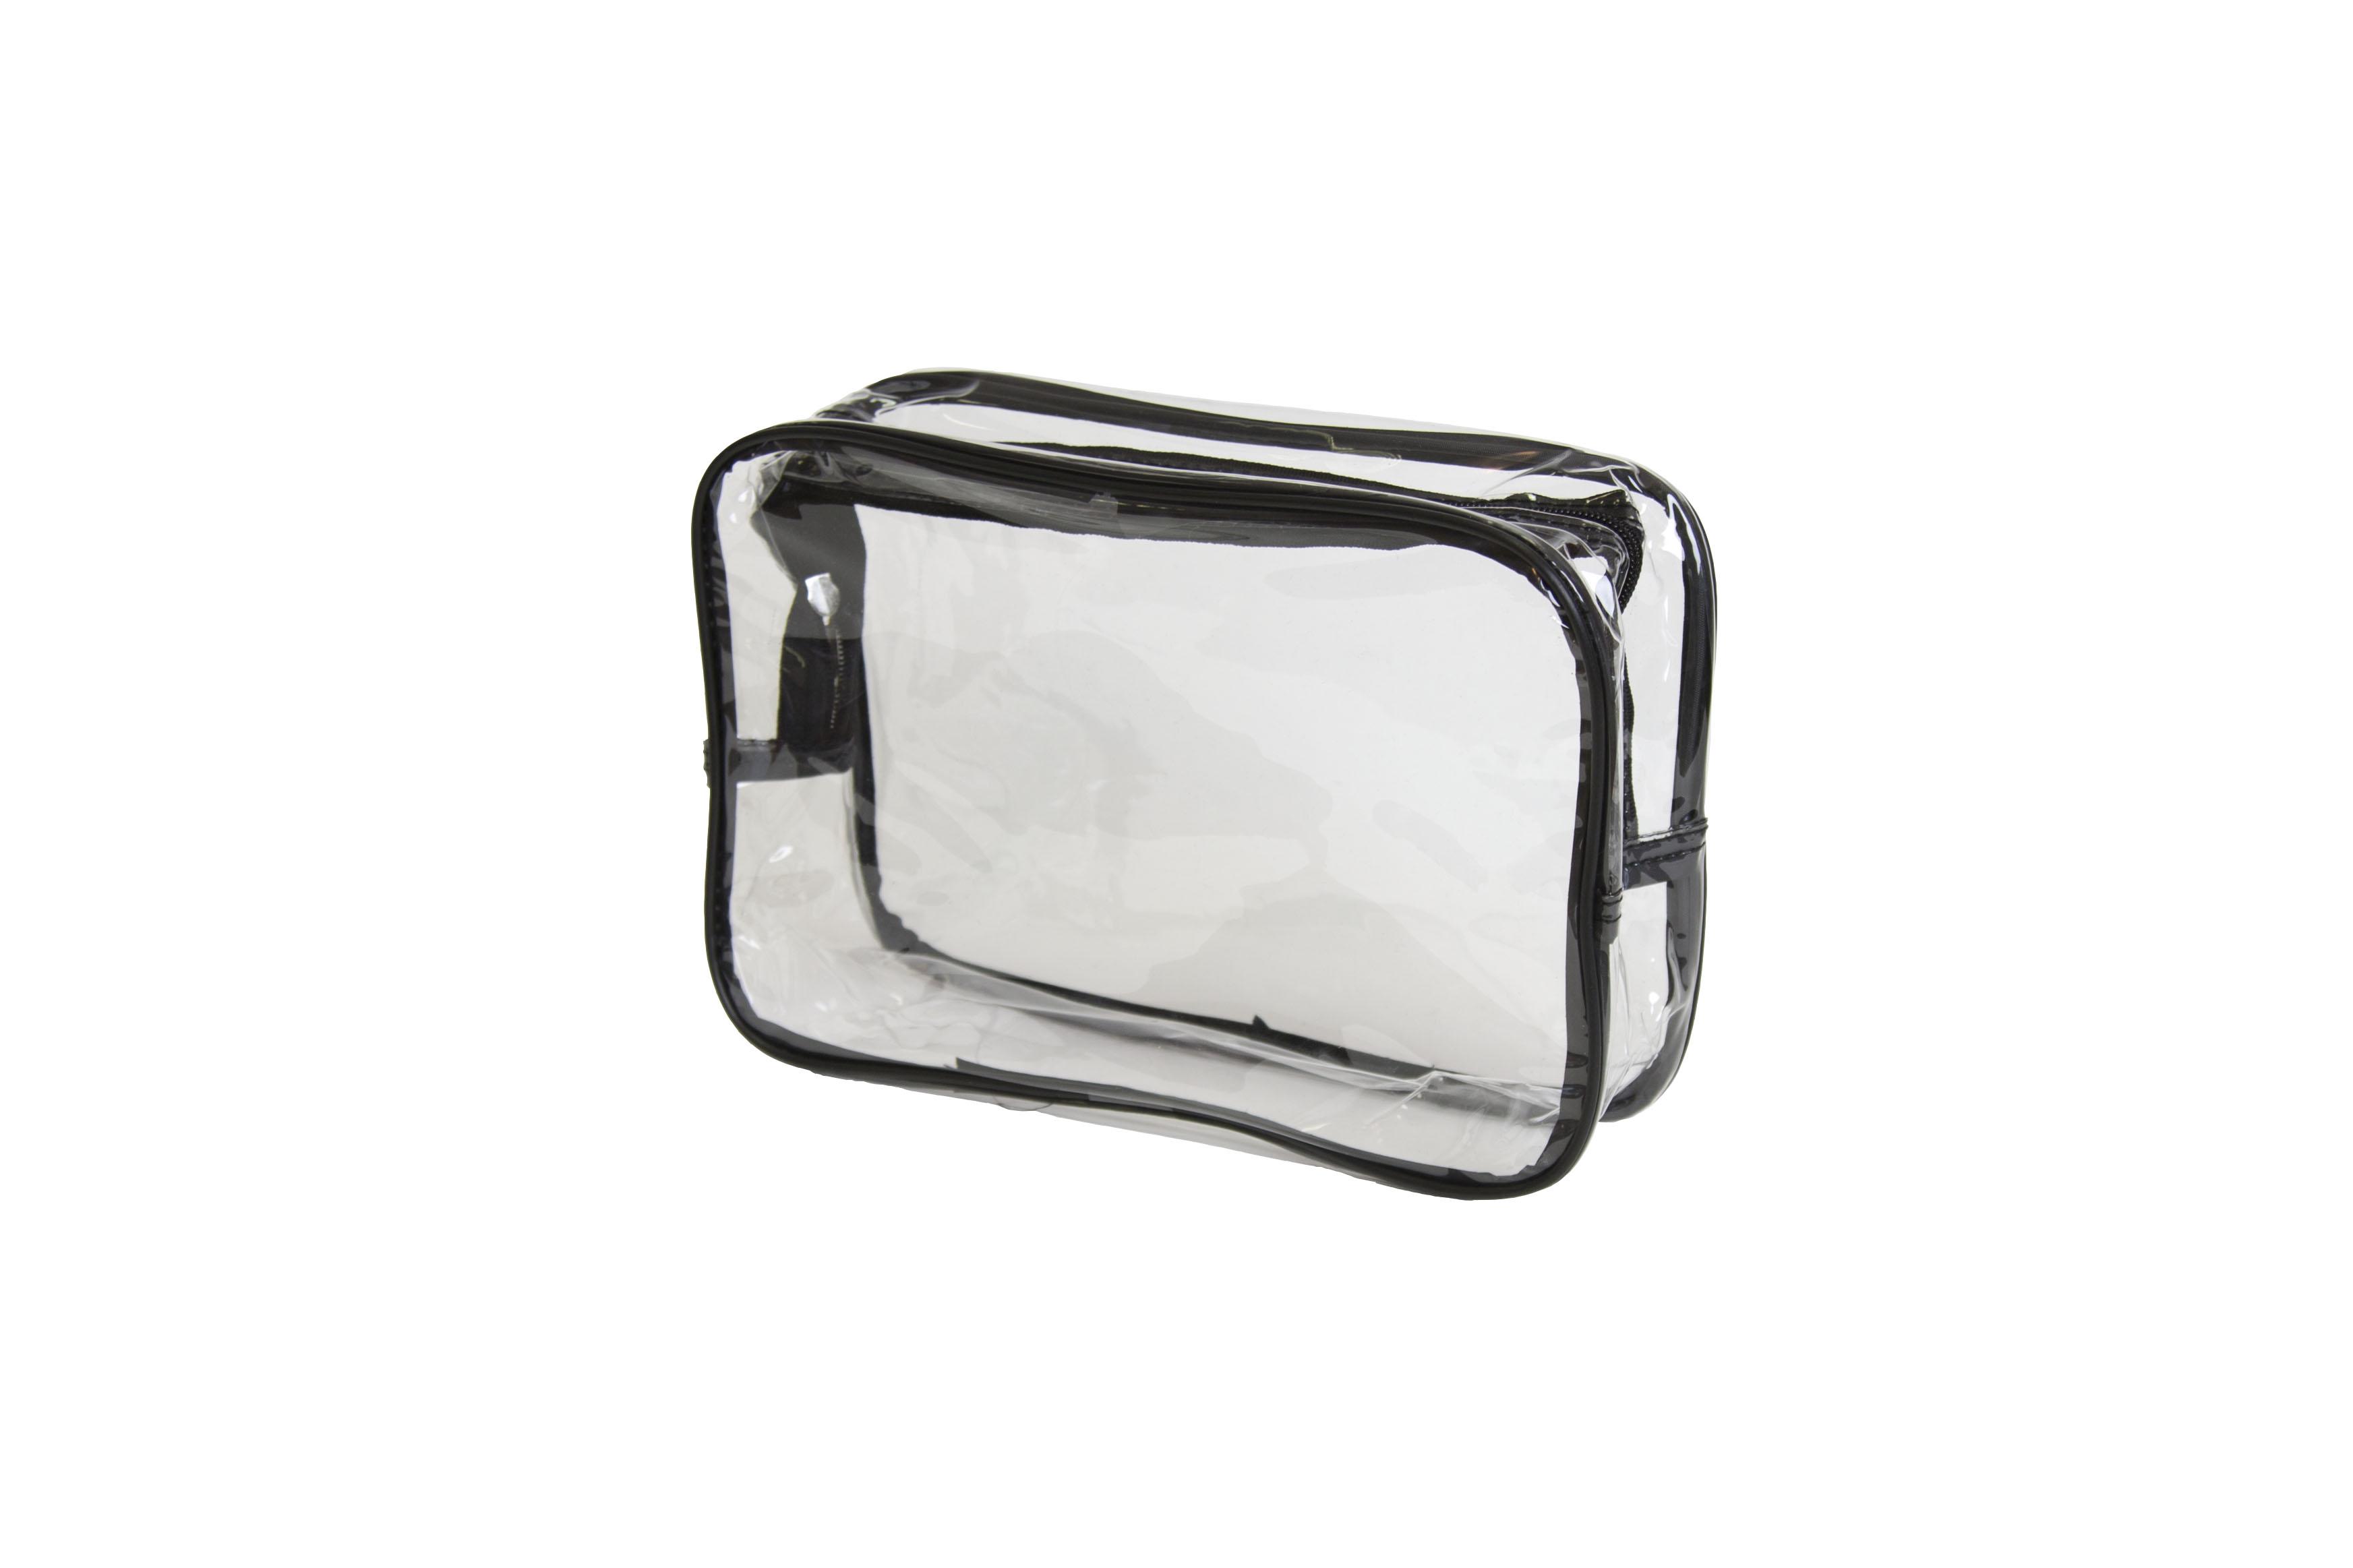 SIBEL Косметичка прозрачная с черной гранью / Sibel,